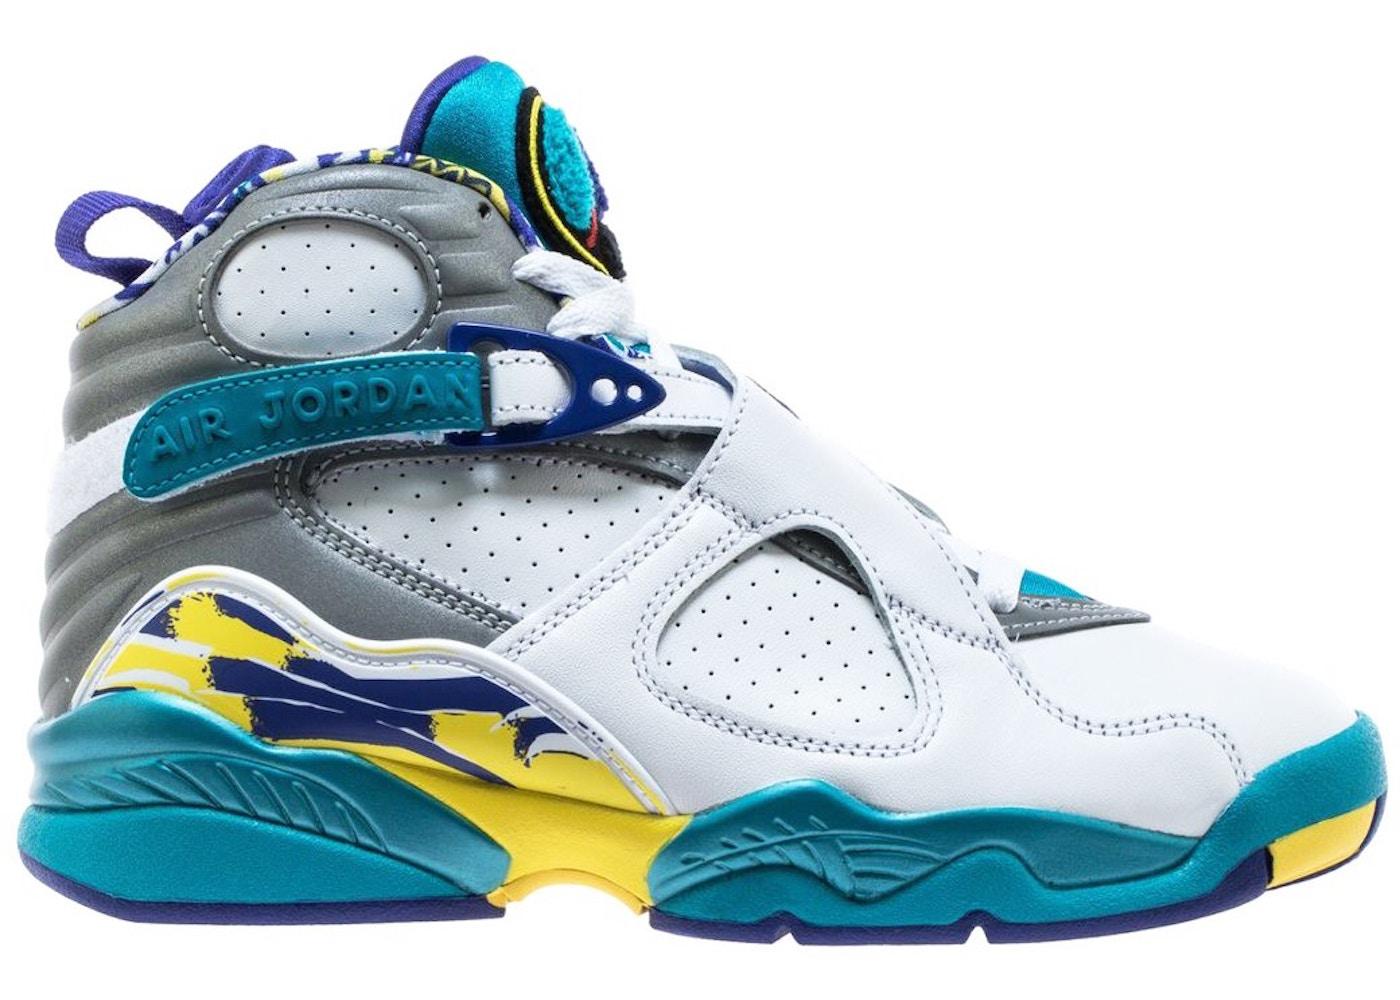 los angeles f26c2 fac73 Buy Air Jordan 8 Shoes & Deadstock Sneakers